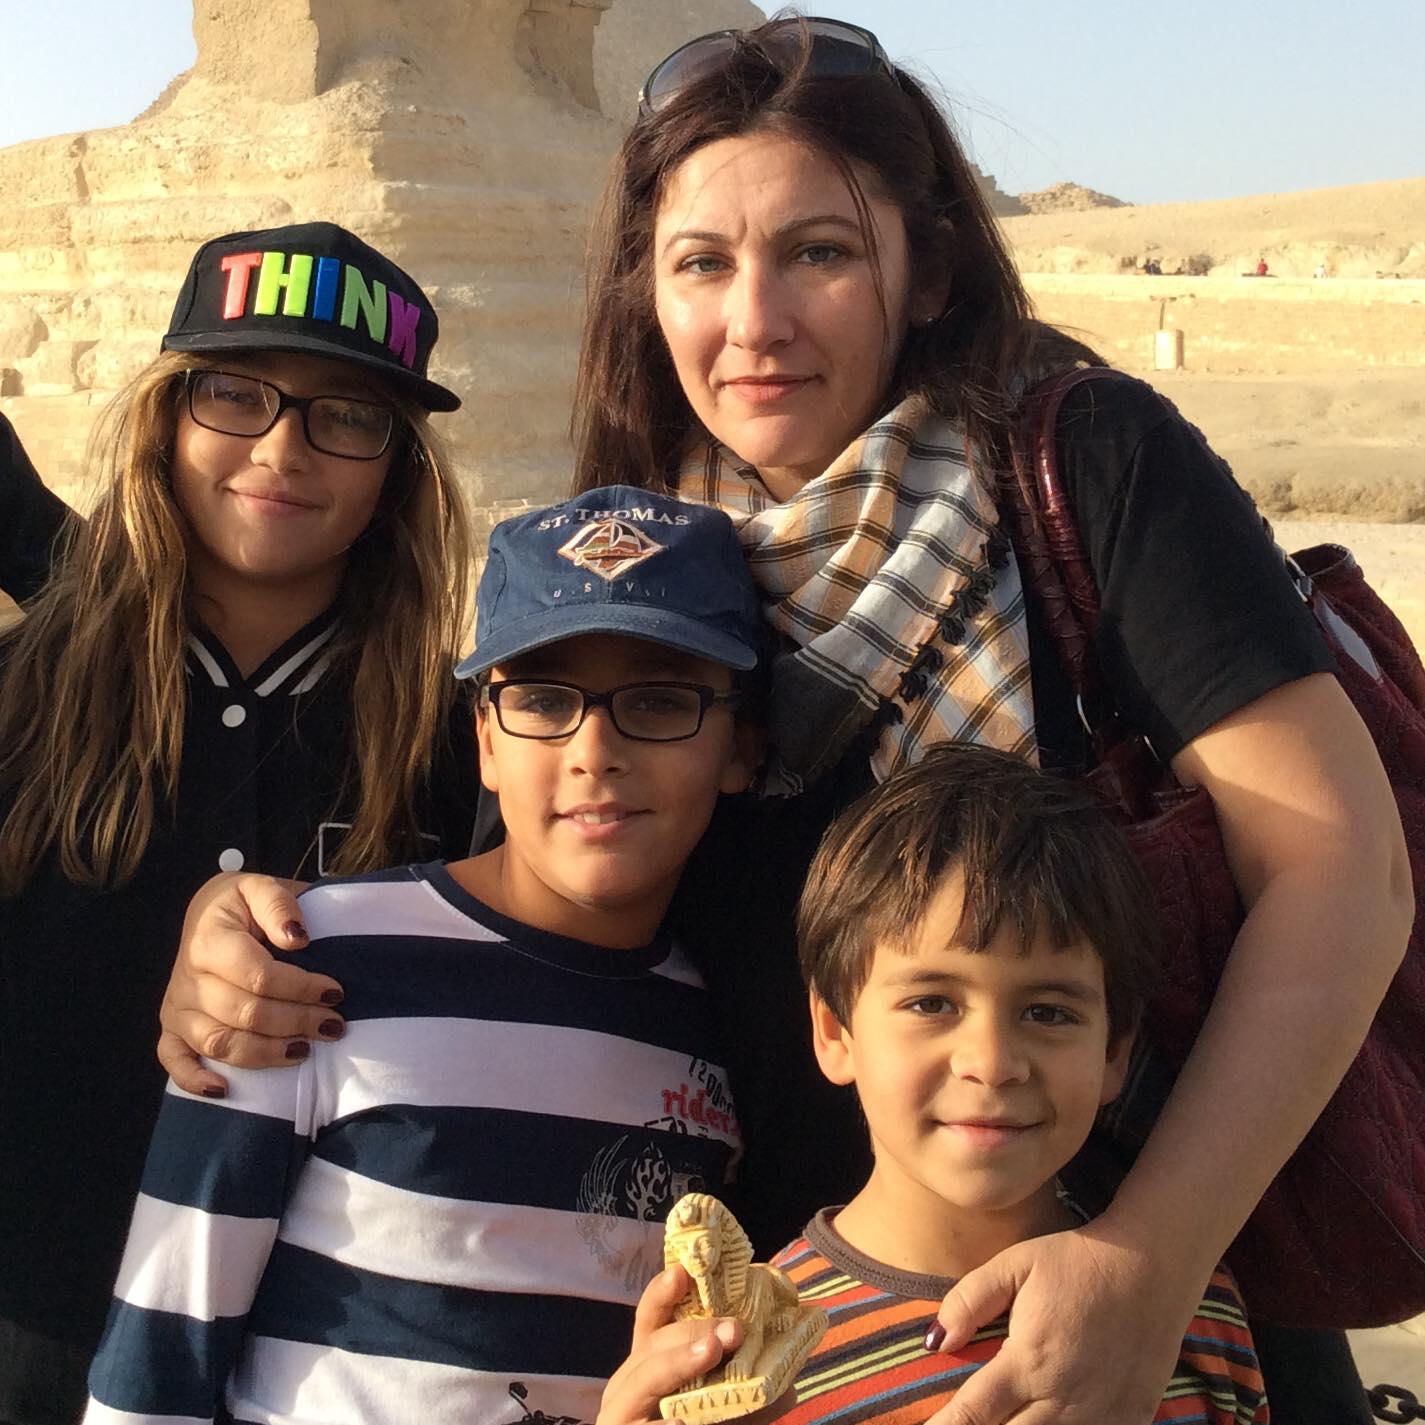 جيهان فاضل وأبناؤها في مصر قبل سفرها إلى كندا- الصورة من حسابها على فيسبوك